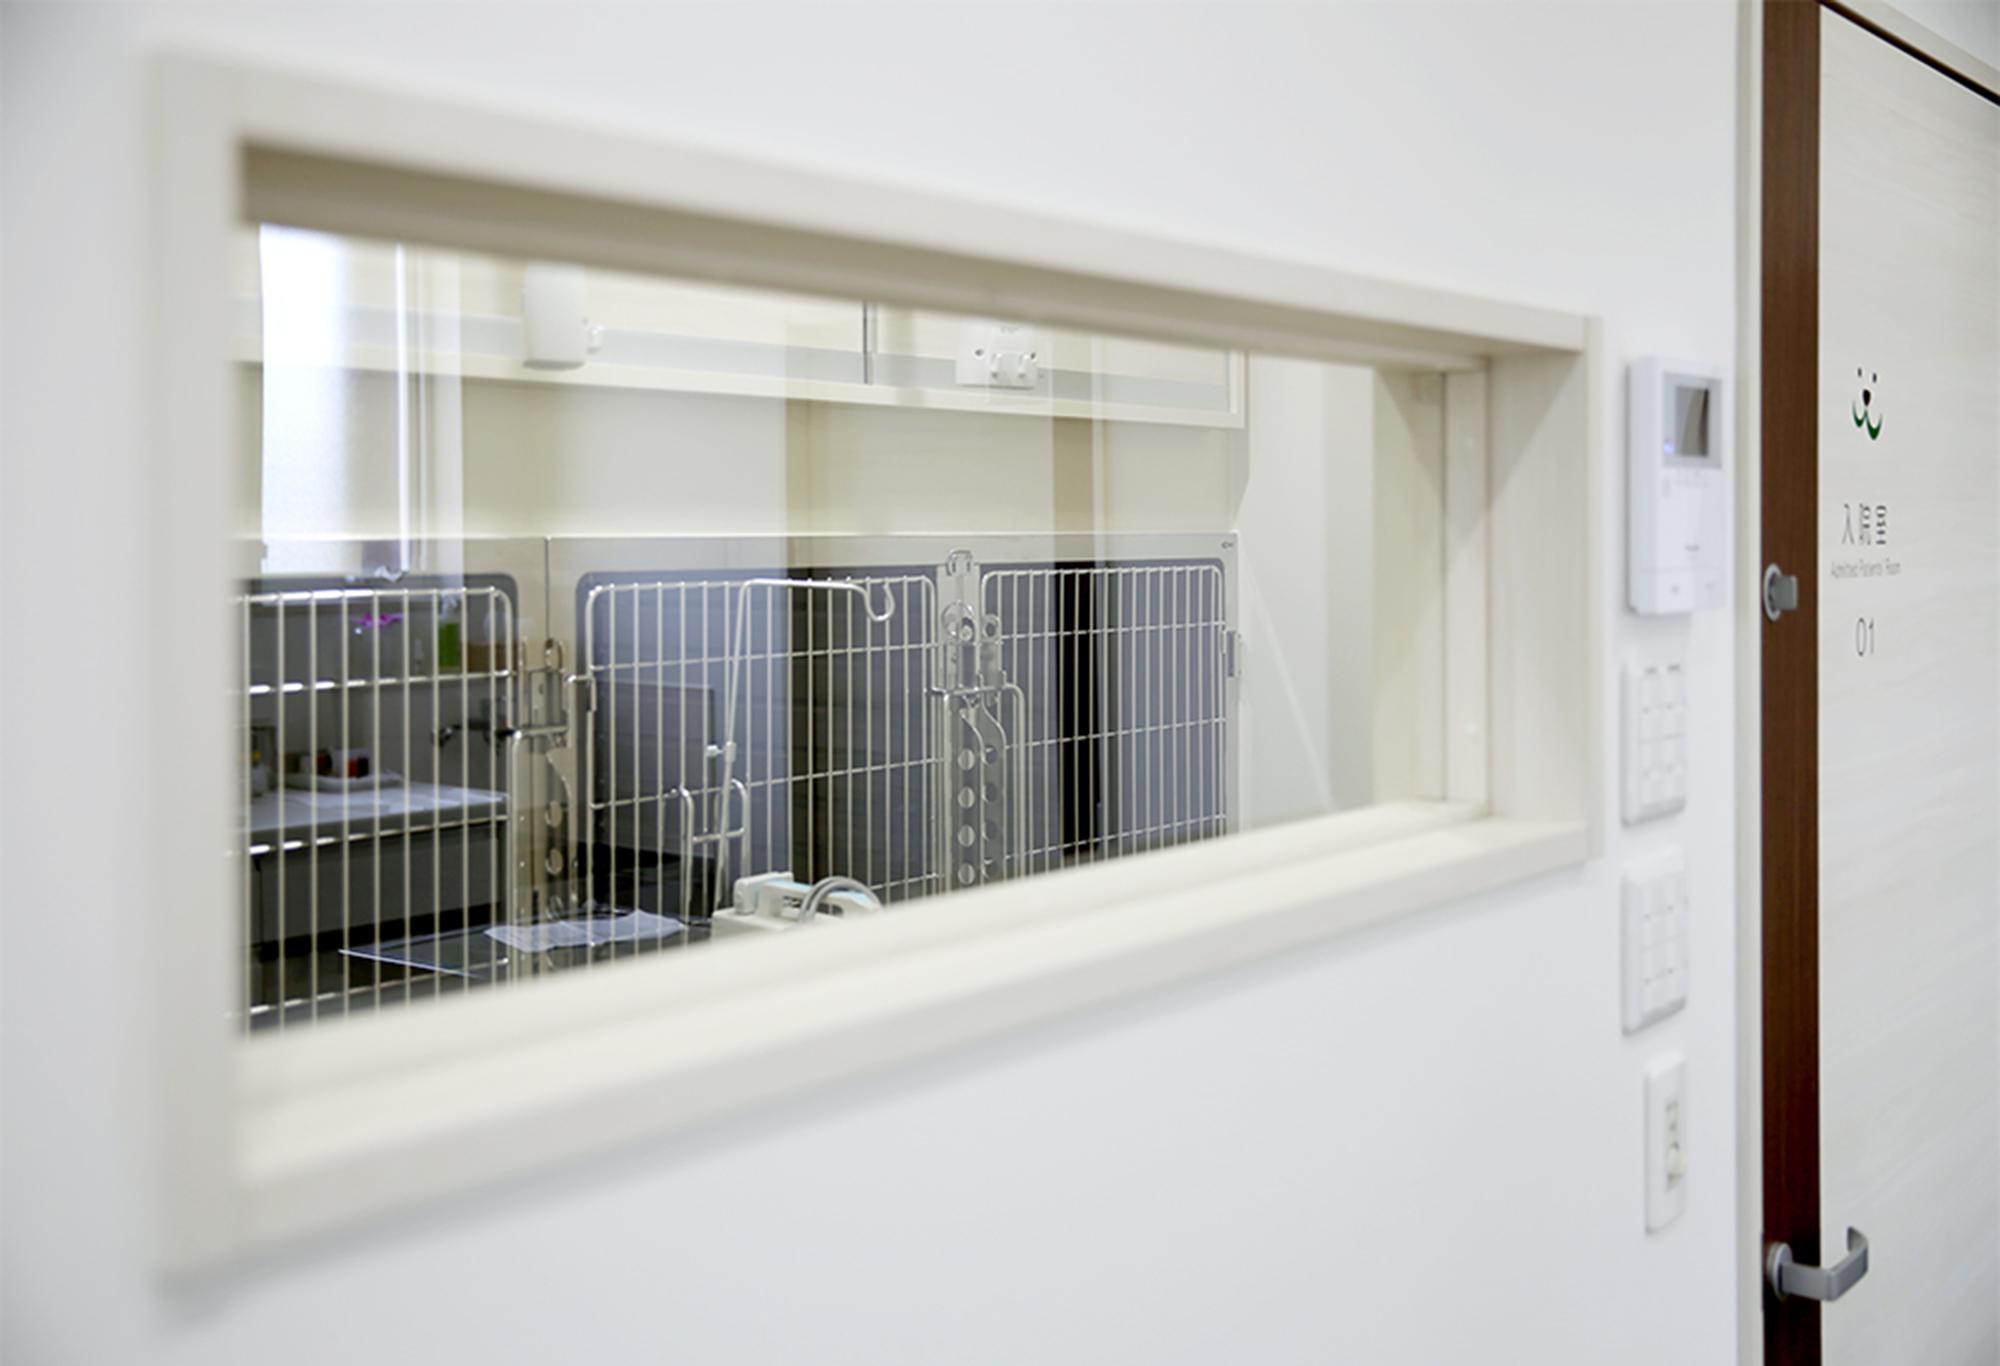 【第1入院室】<br /> 入院が必要になった場合のスペースです。複数の部屋をつなげることで、広くすることも可能です。